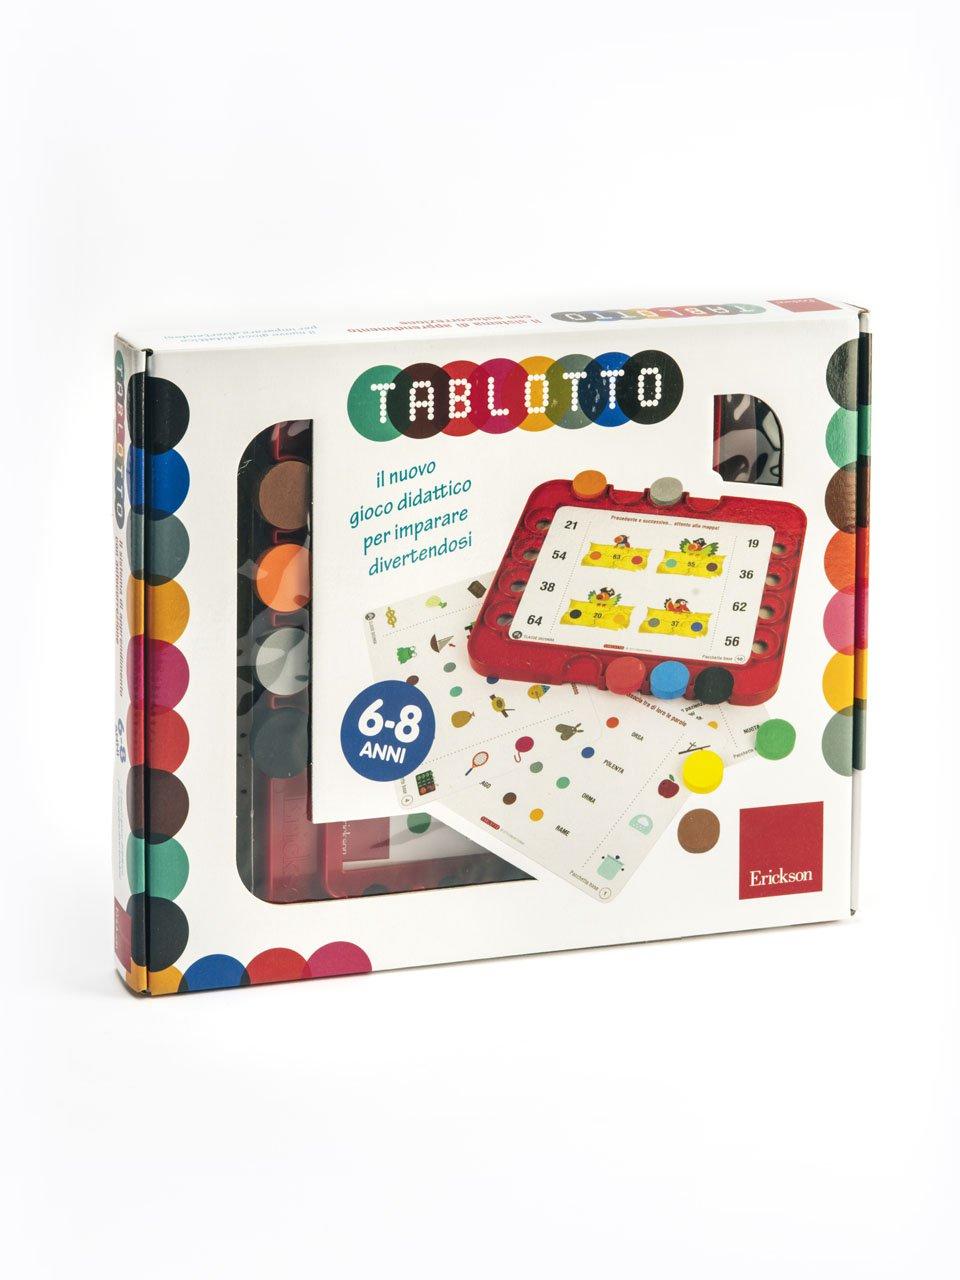 Tablotto (6-8 anni) - Sillabe in gioco - Giochi - Erickson